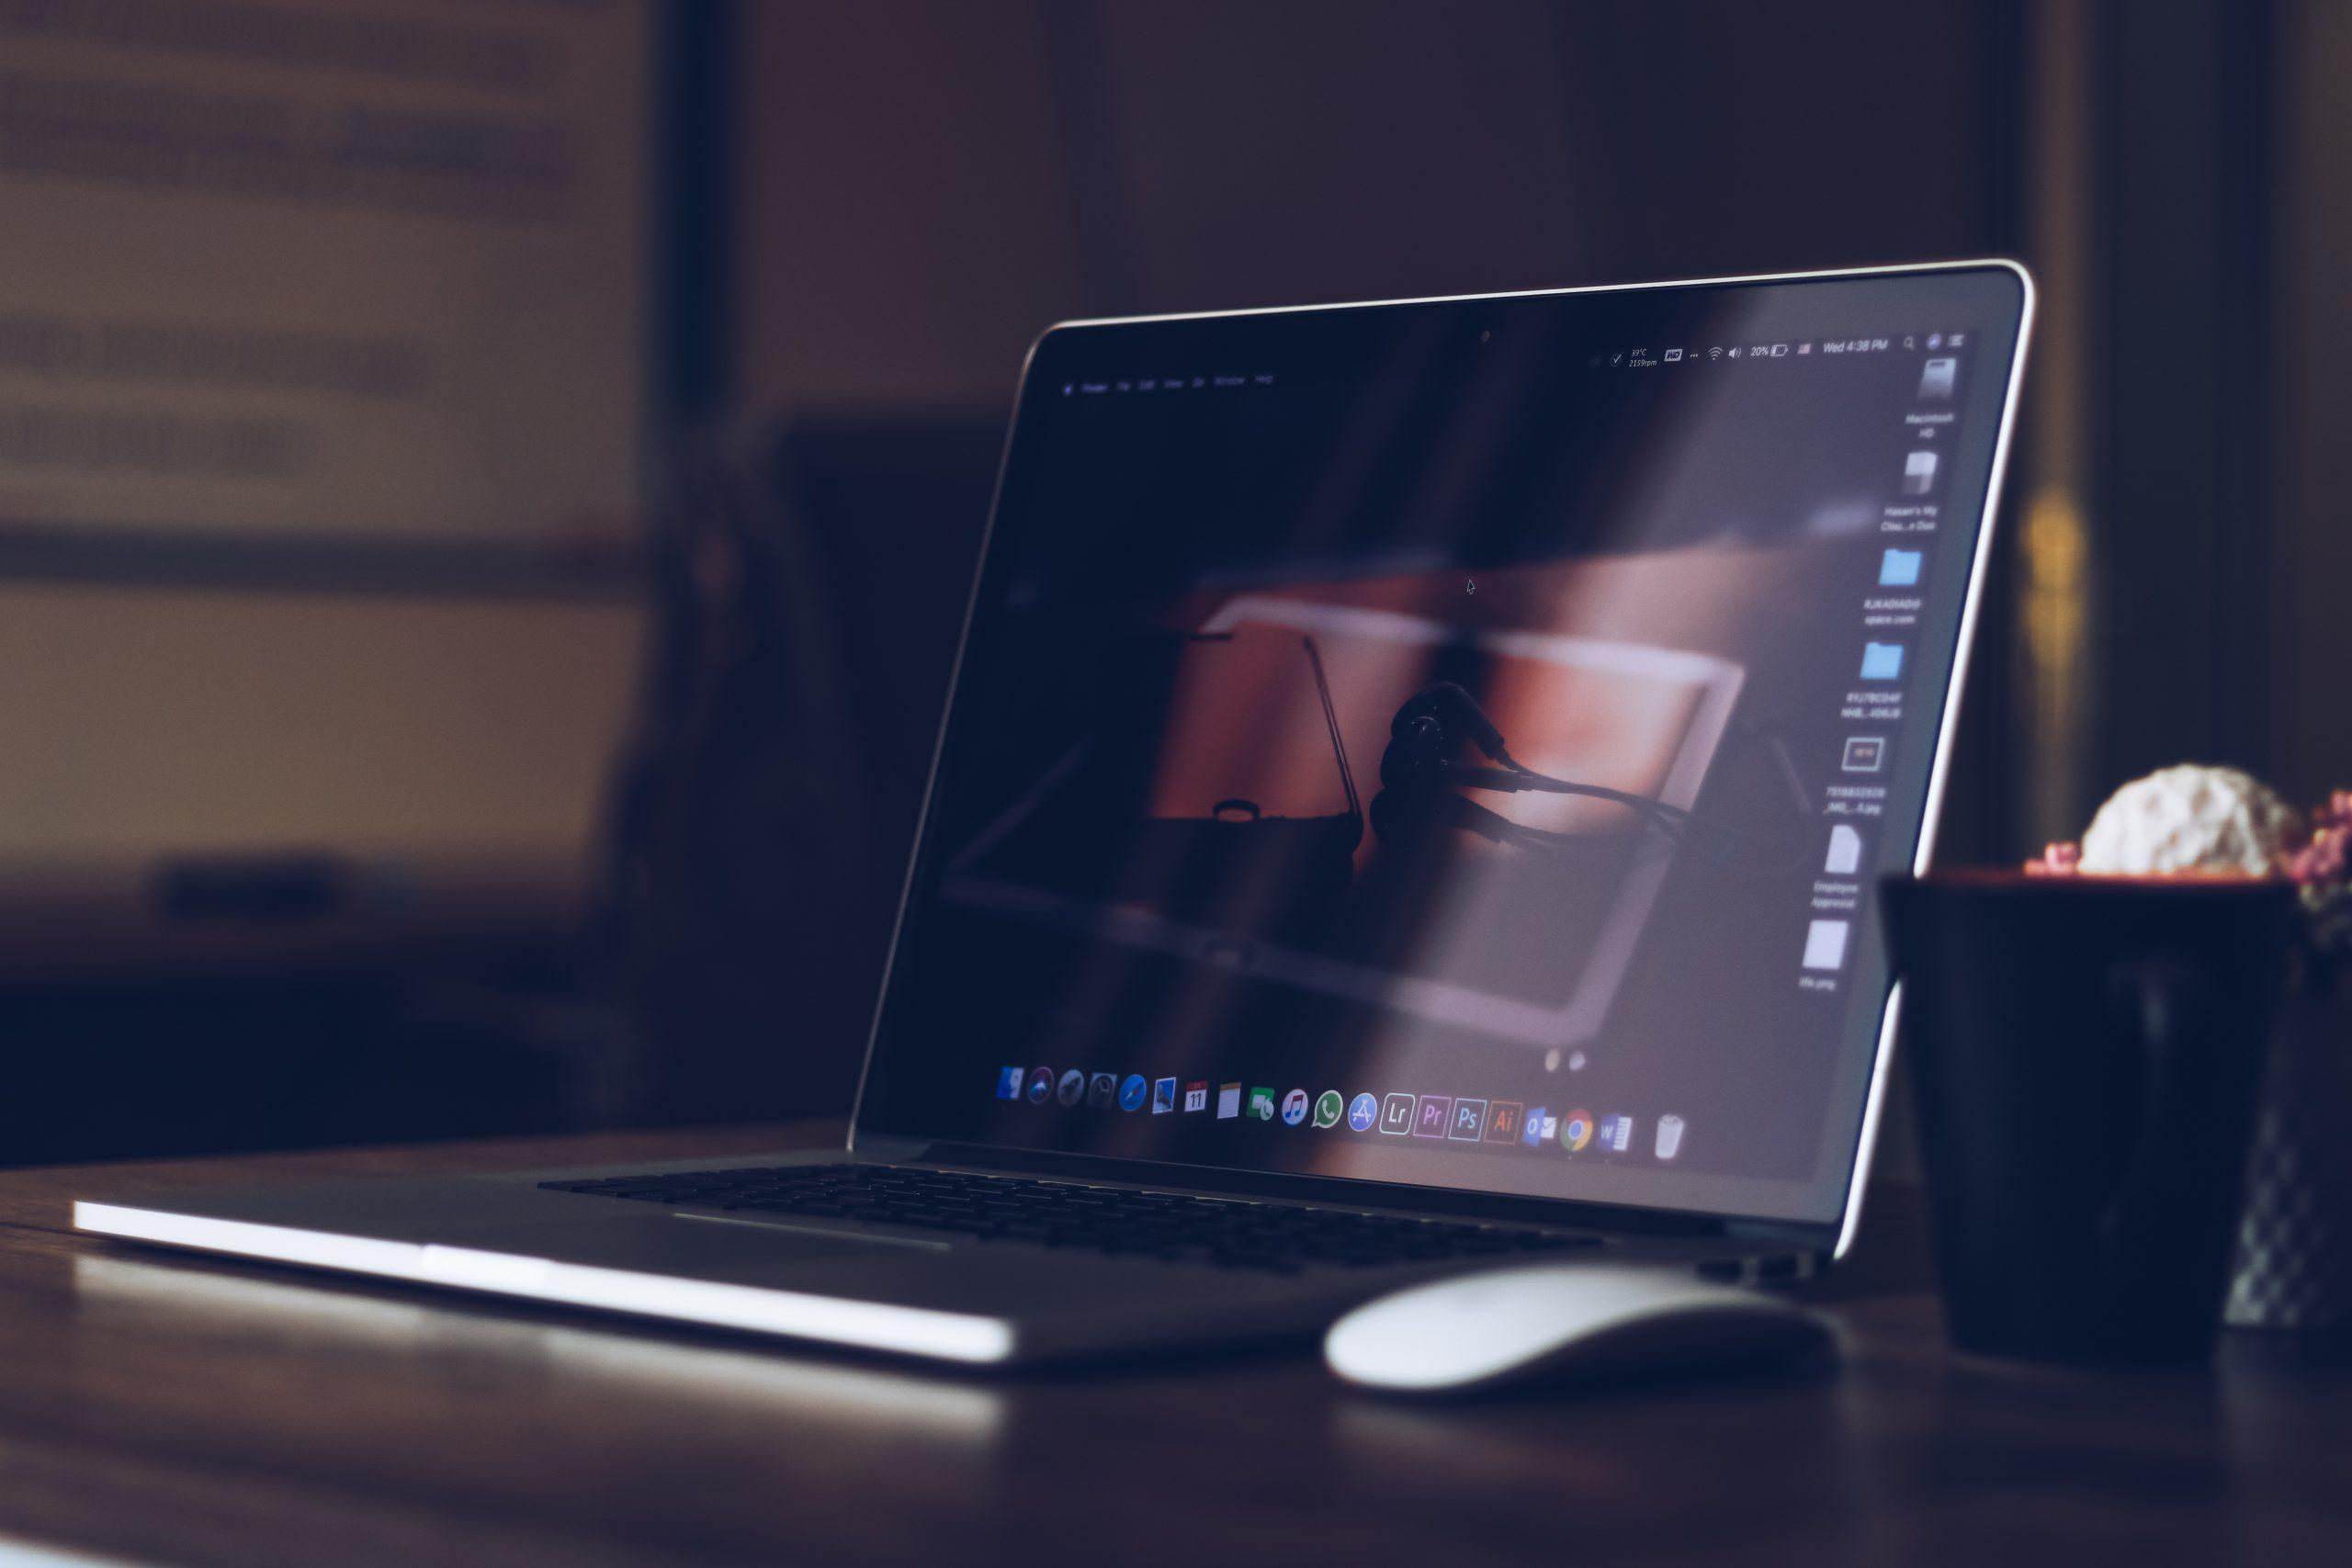 Imagem mostra um mouse ao lado de um notebook.